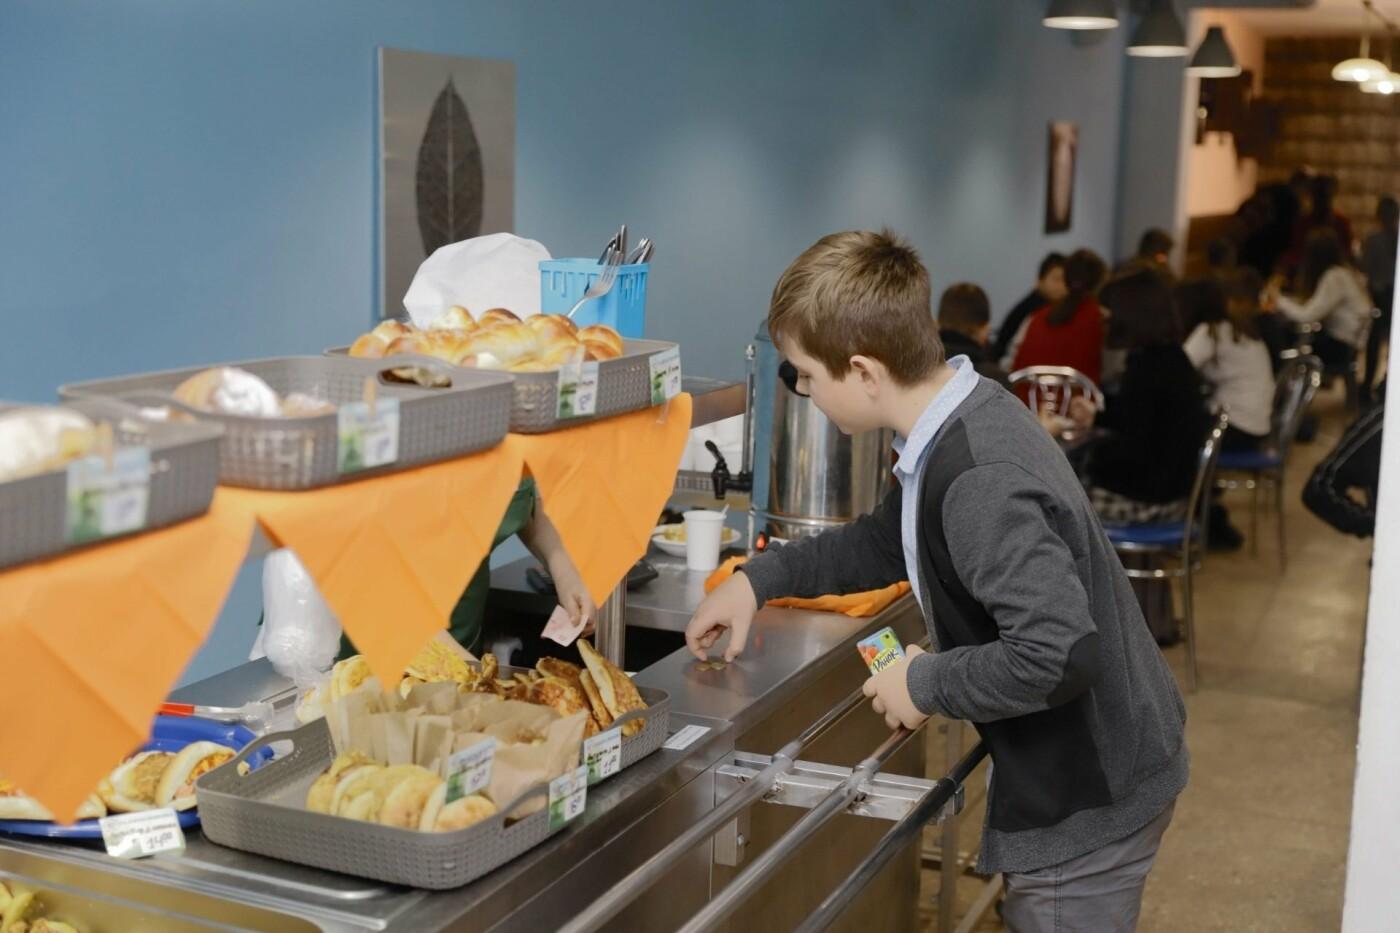 Шведский стол и английский стиль: как кормят школьников в Днепре, - ФОТО, фото-3